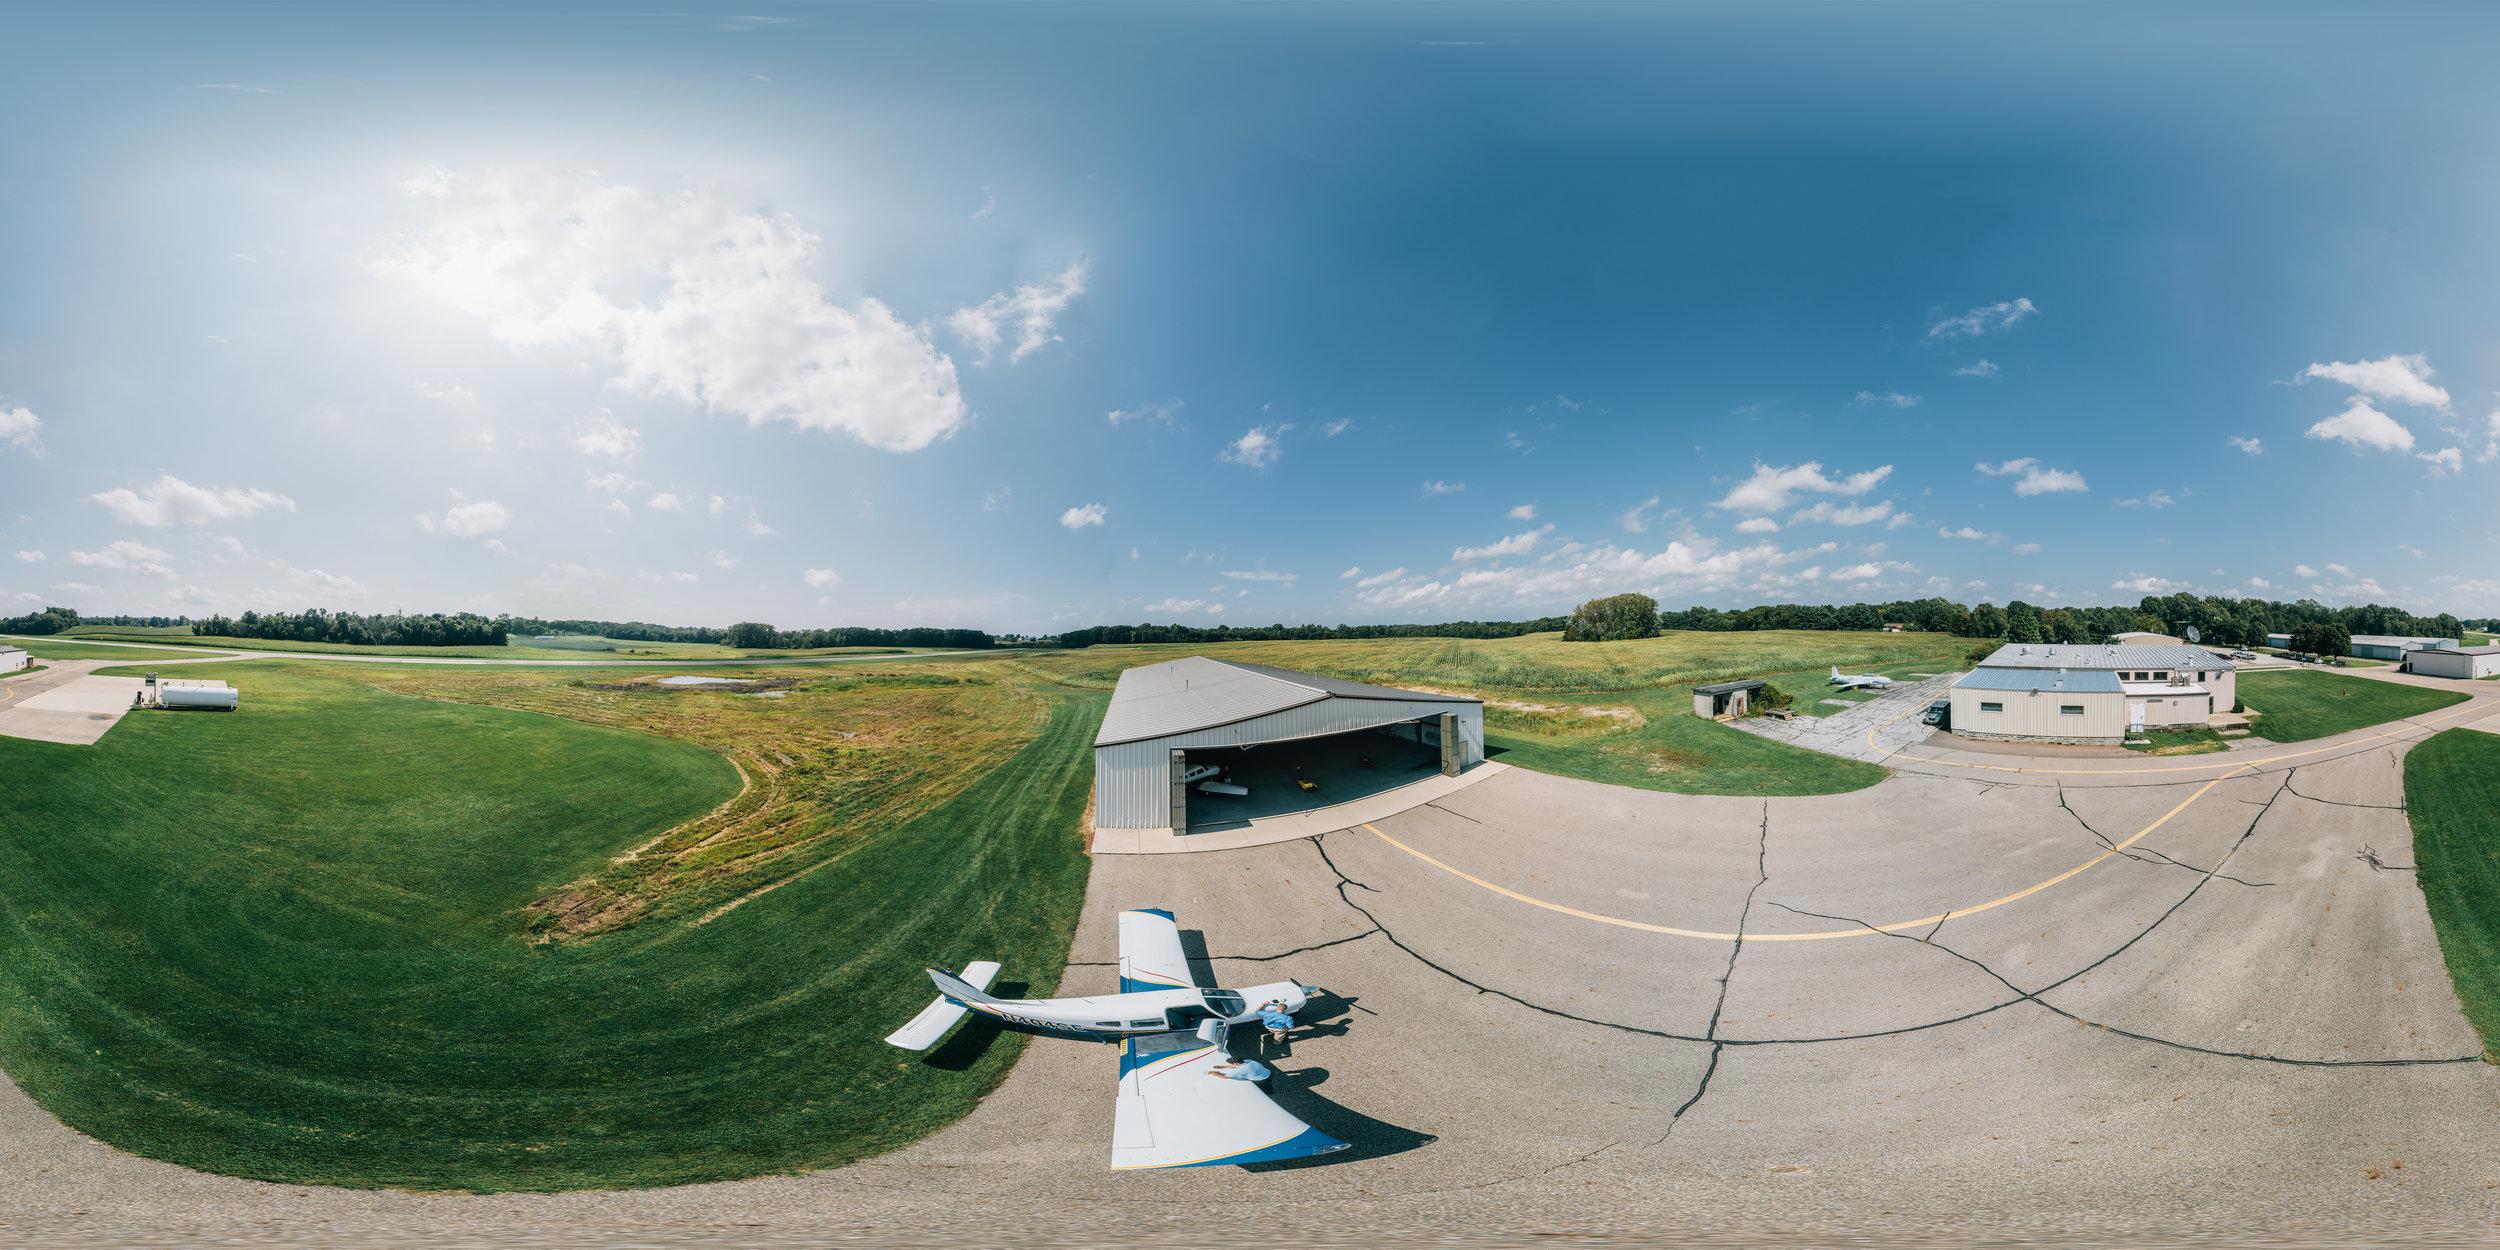 Aviation_aerial2.jpg